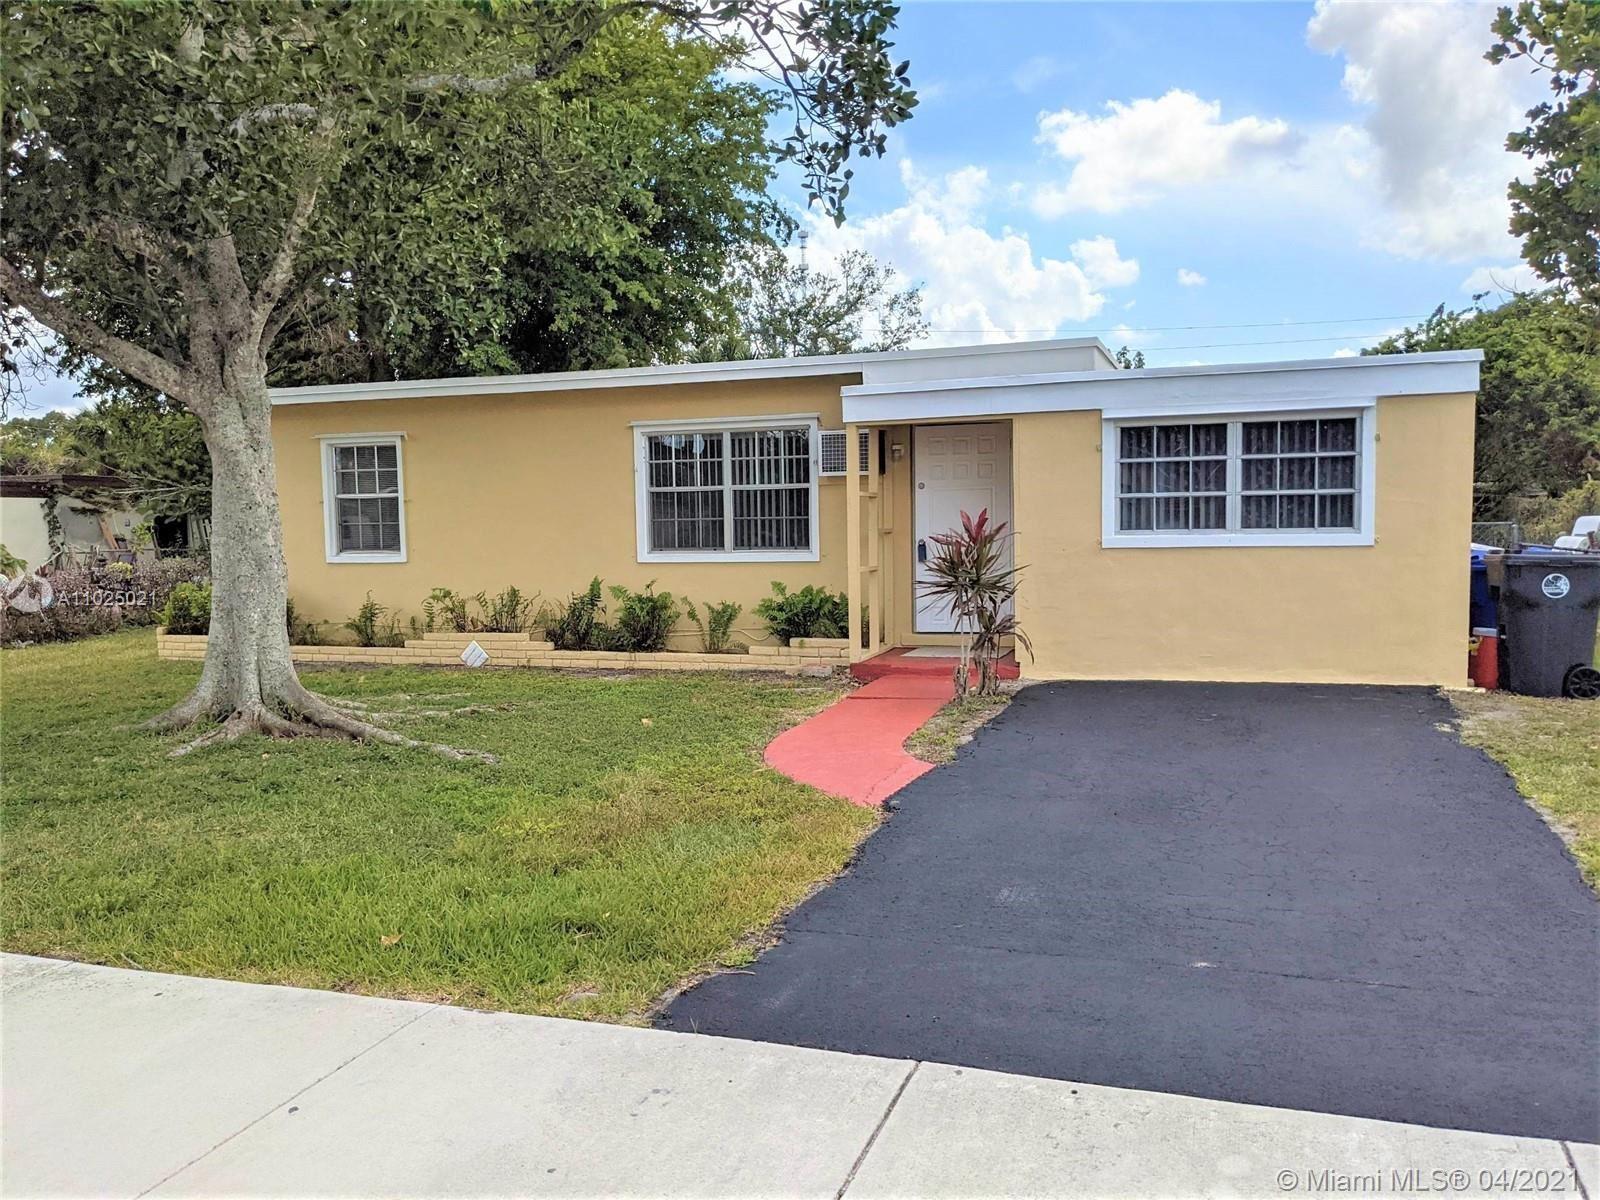 26 Miami Gardens Rd, West Park, FL 33023 - #: A11025021